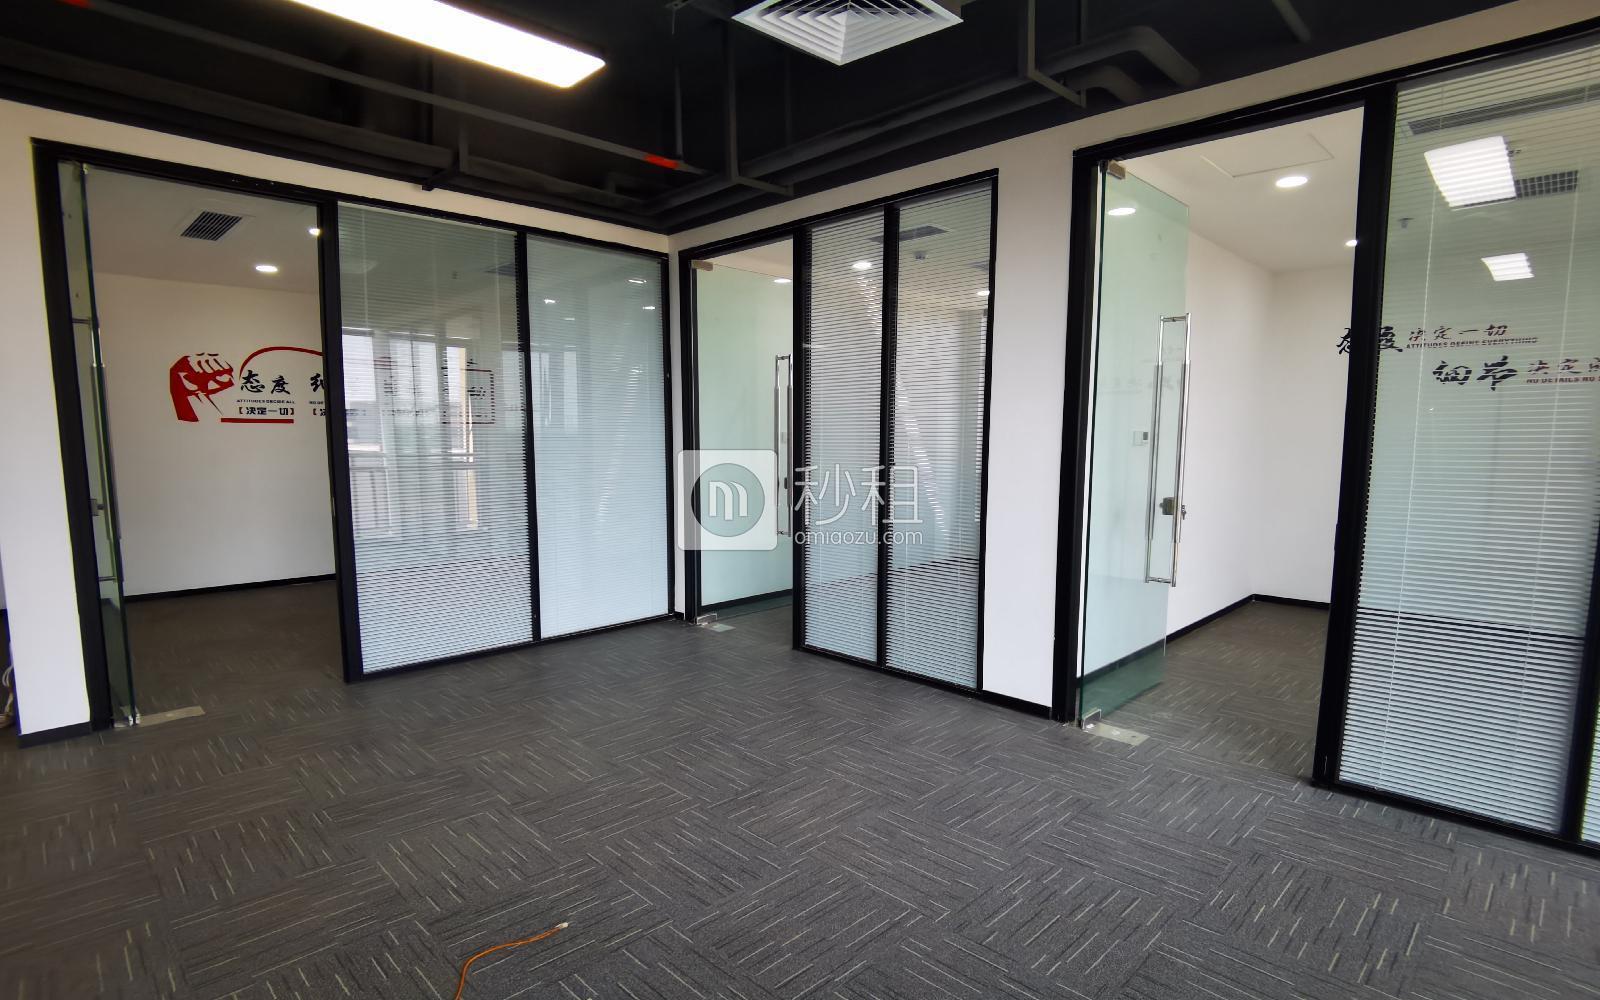 光明-公明 格雅科技大厦 158m²